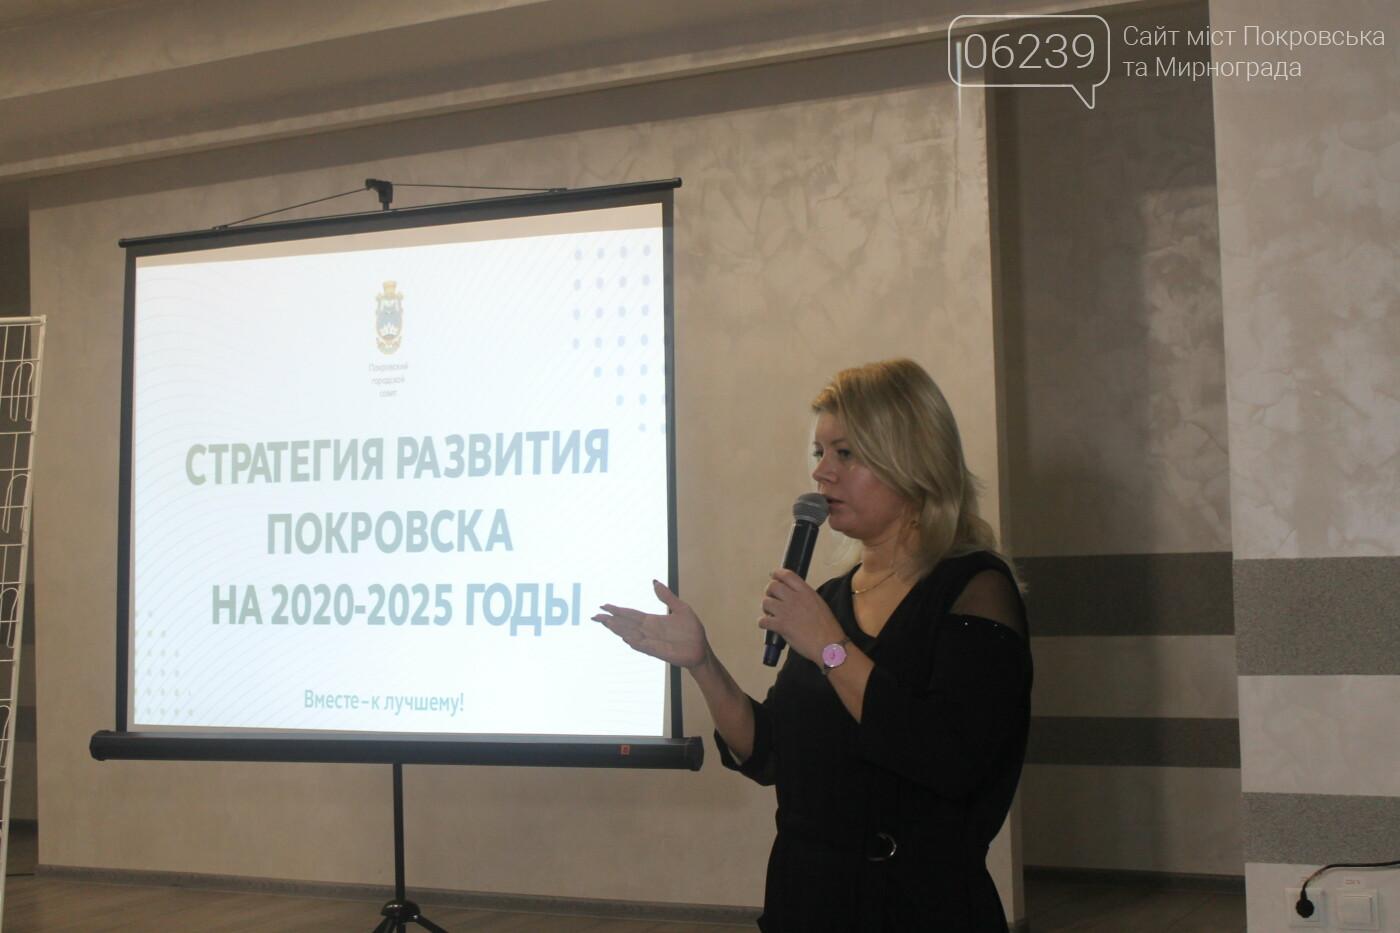 Бассейн, новый микрорайон, Media Hab и другое: жители Покровска обсуждают Стратегию развития города, фото-4